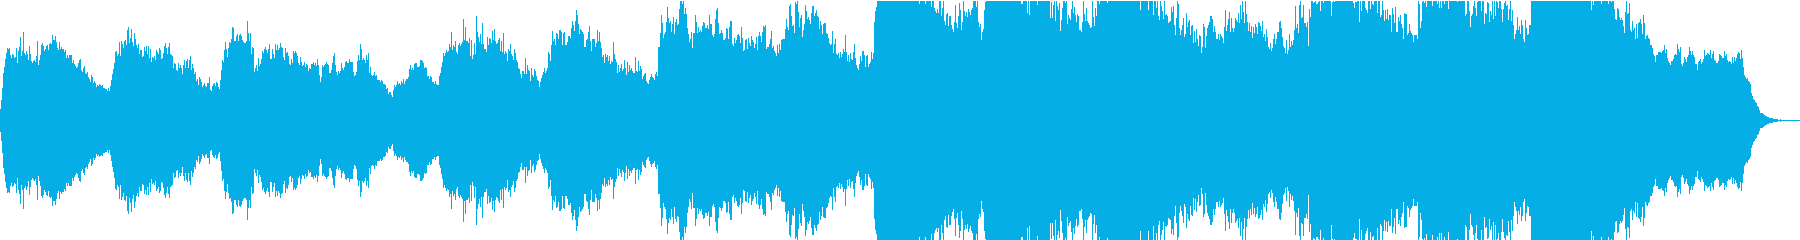 前衛交響曲 アンビエントミュージッ...の再生済みの波形